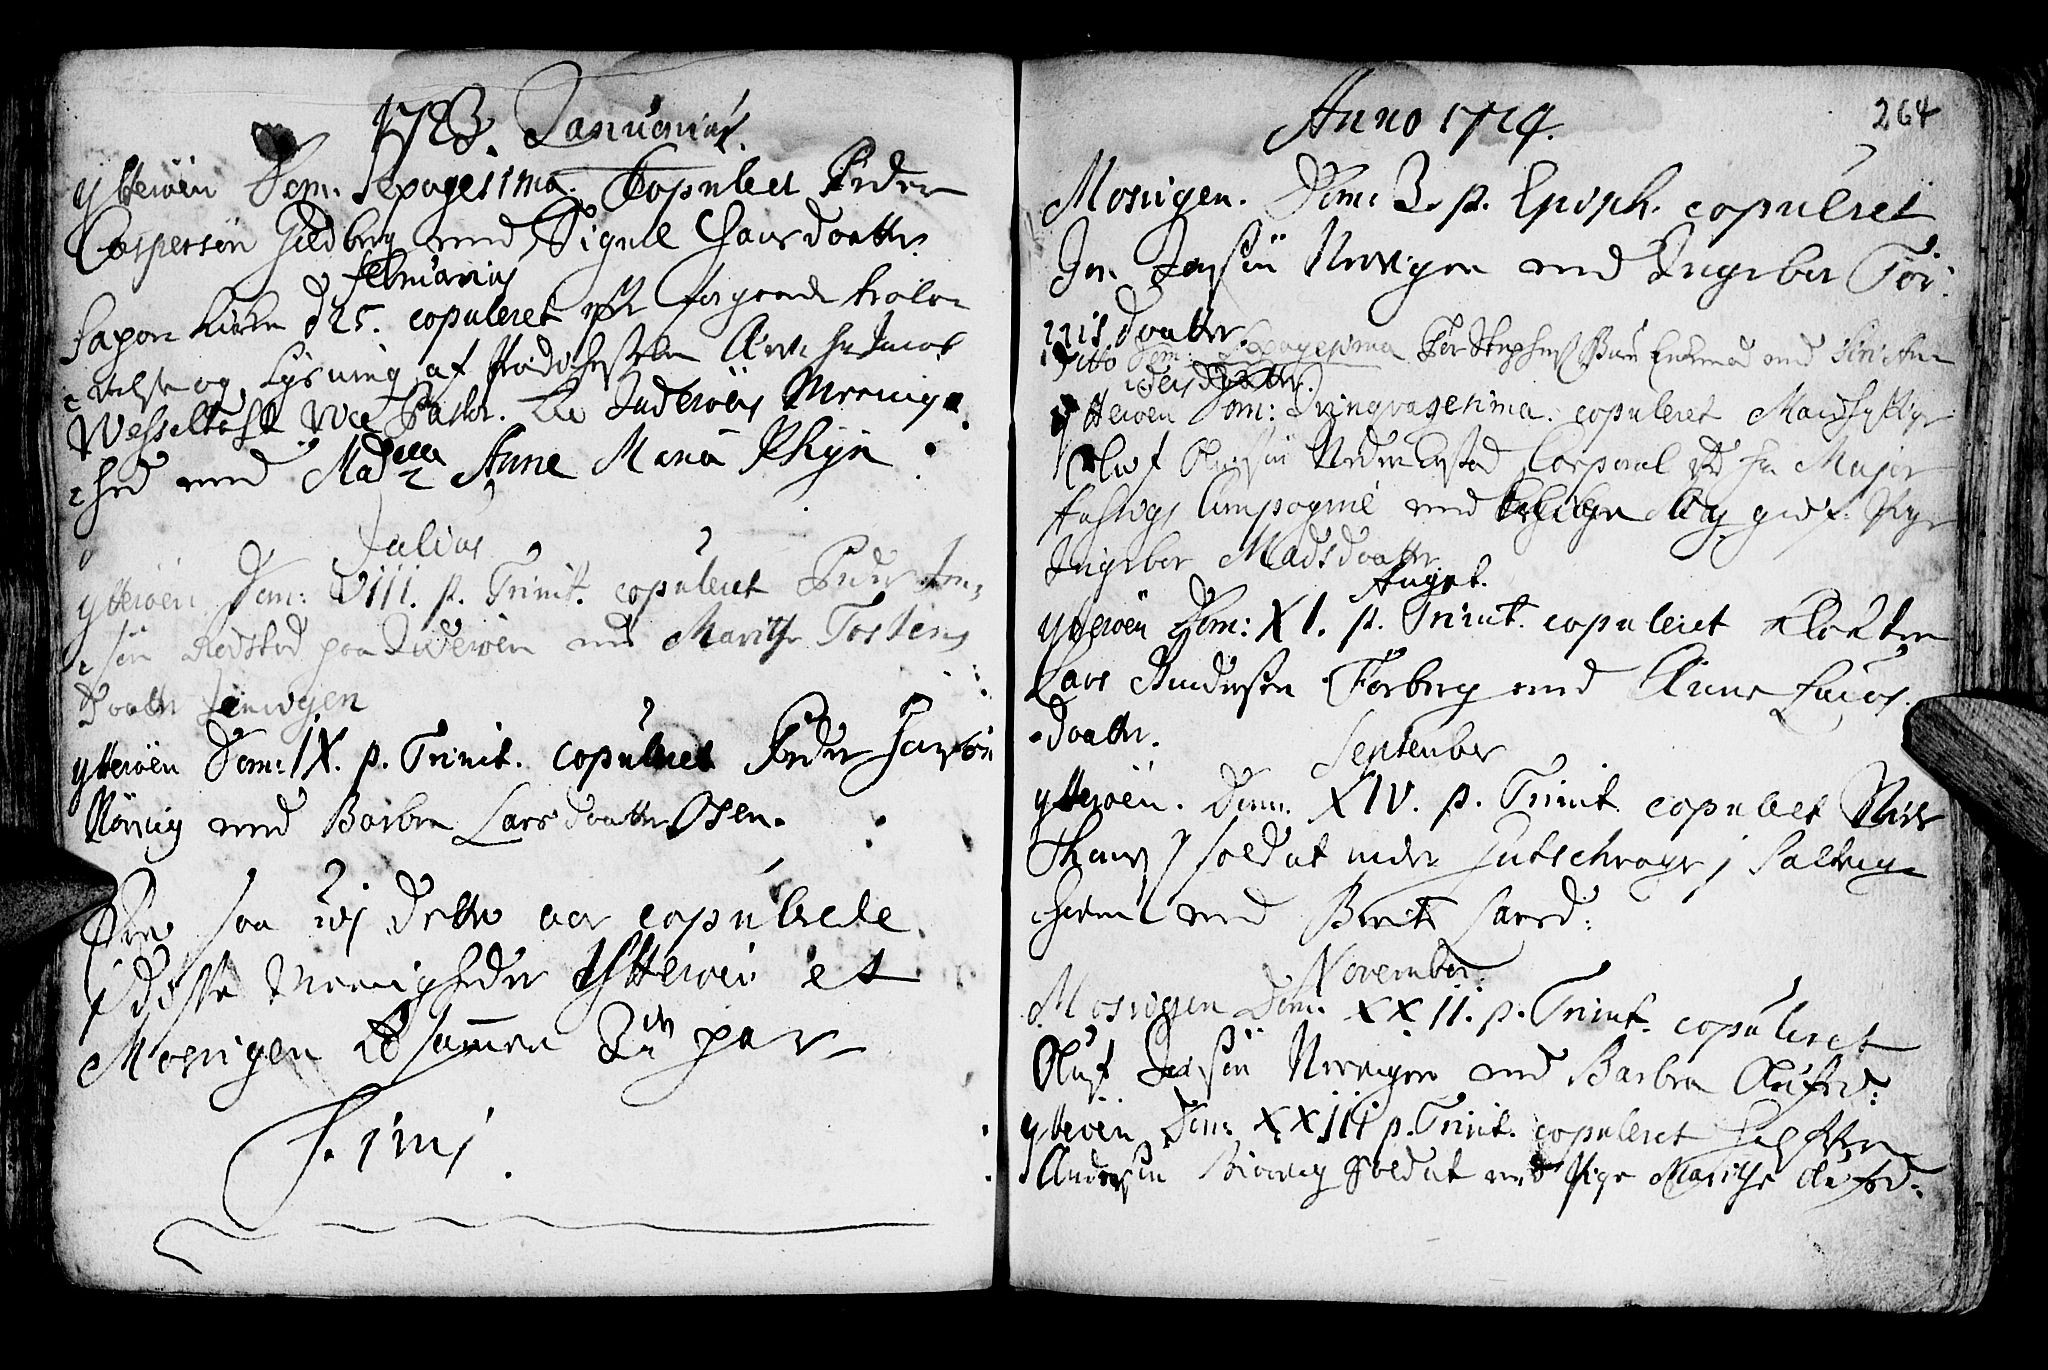 SAT, Ministerialprotokoller, klokkerbøker og fødselsregistre - Nord-Trøndelag, 722/L0215: Ministerialbok nr. 722A02, 1718-1755, s. 264